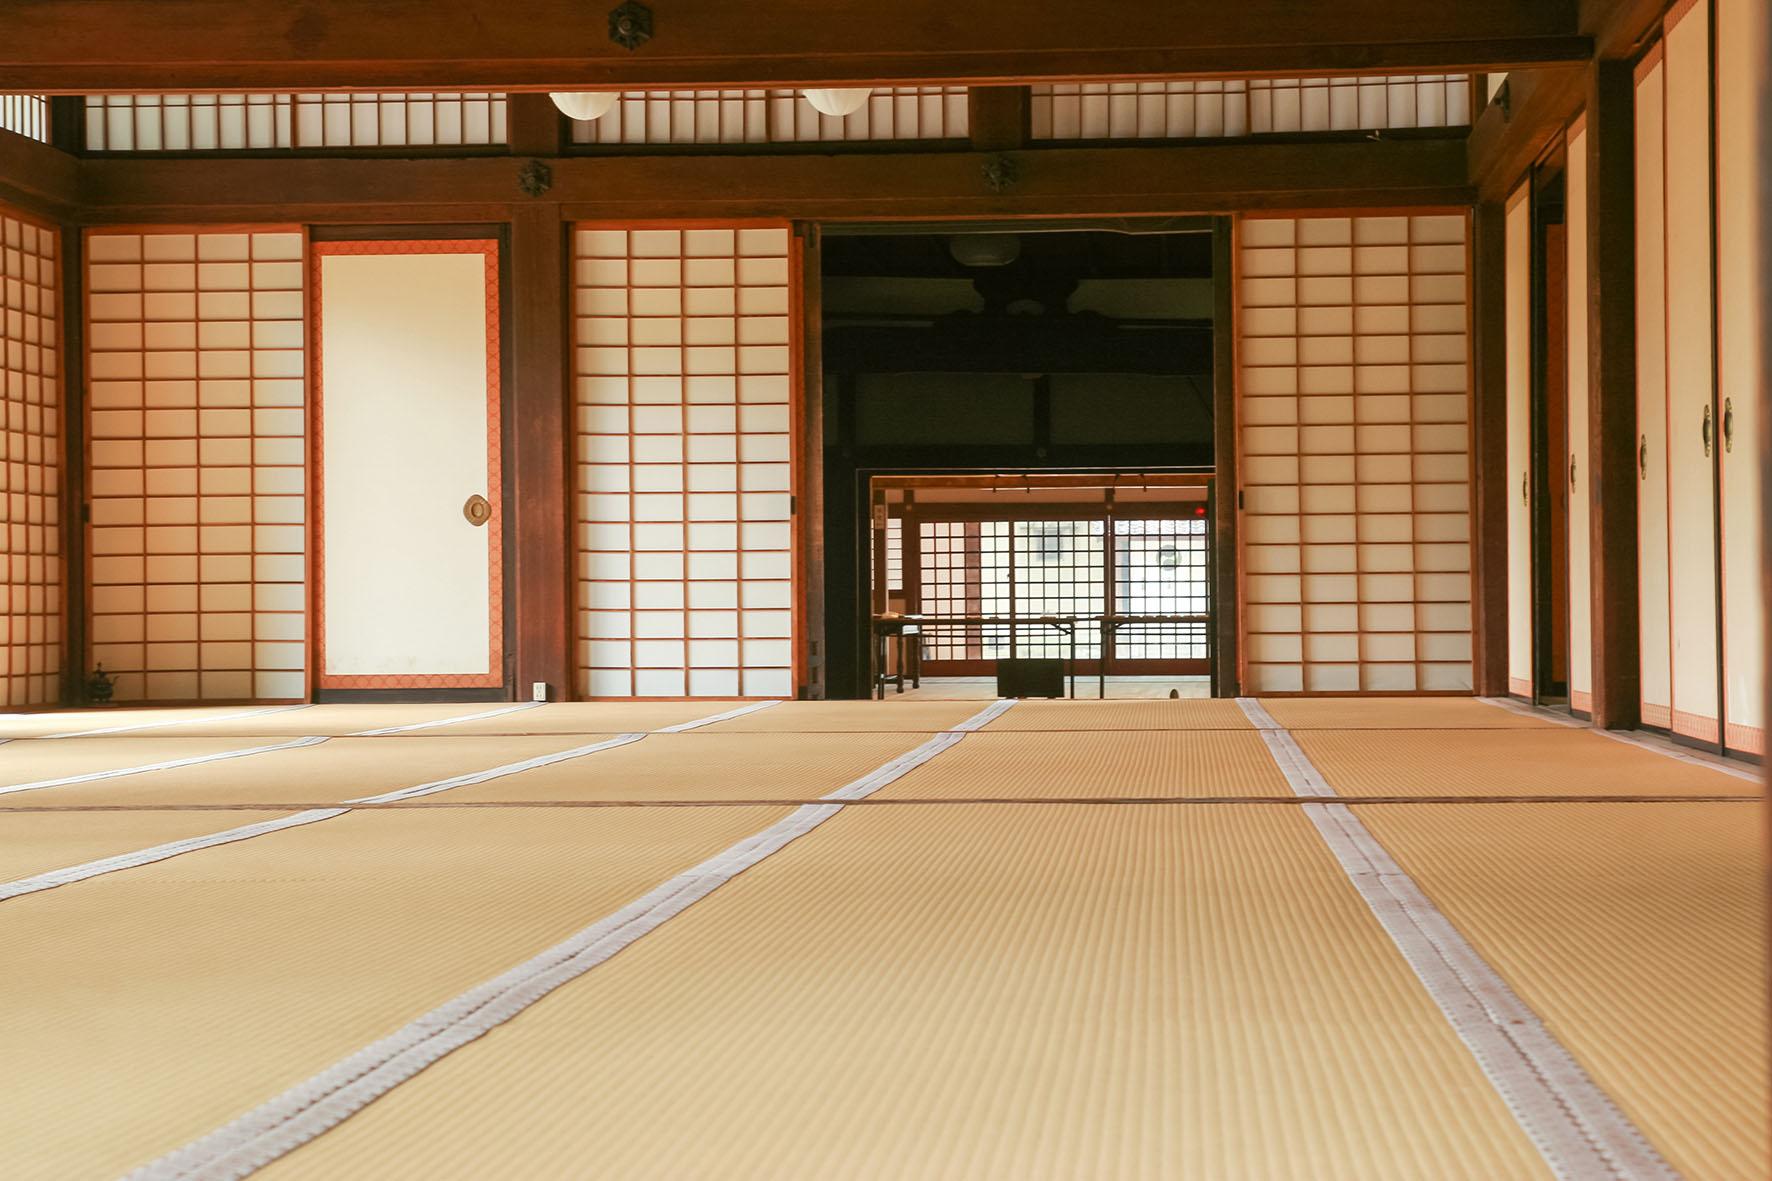 Irimi foto de interior de casa japonesa con suelo de tatami. Dojo practicas de Artes Marciales.